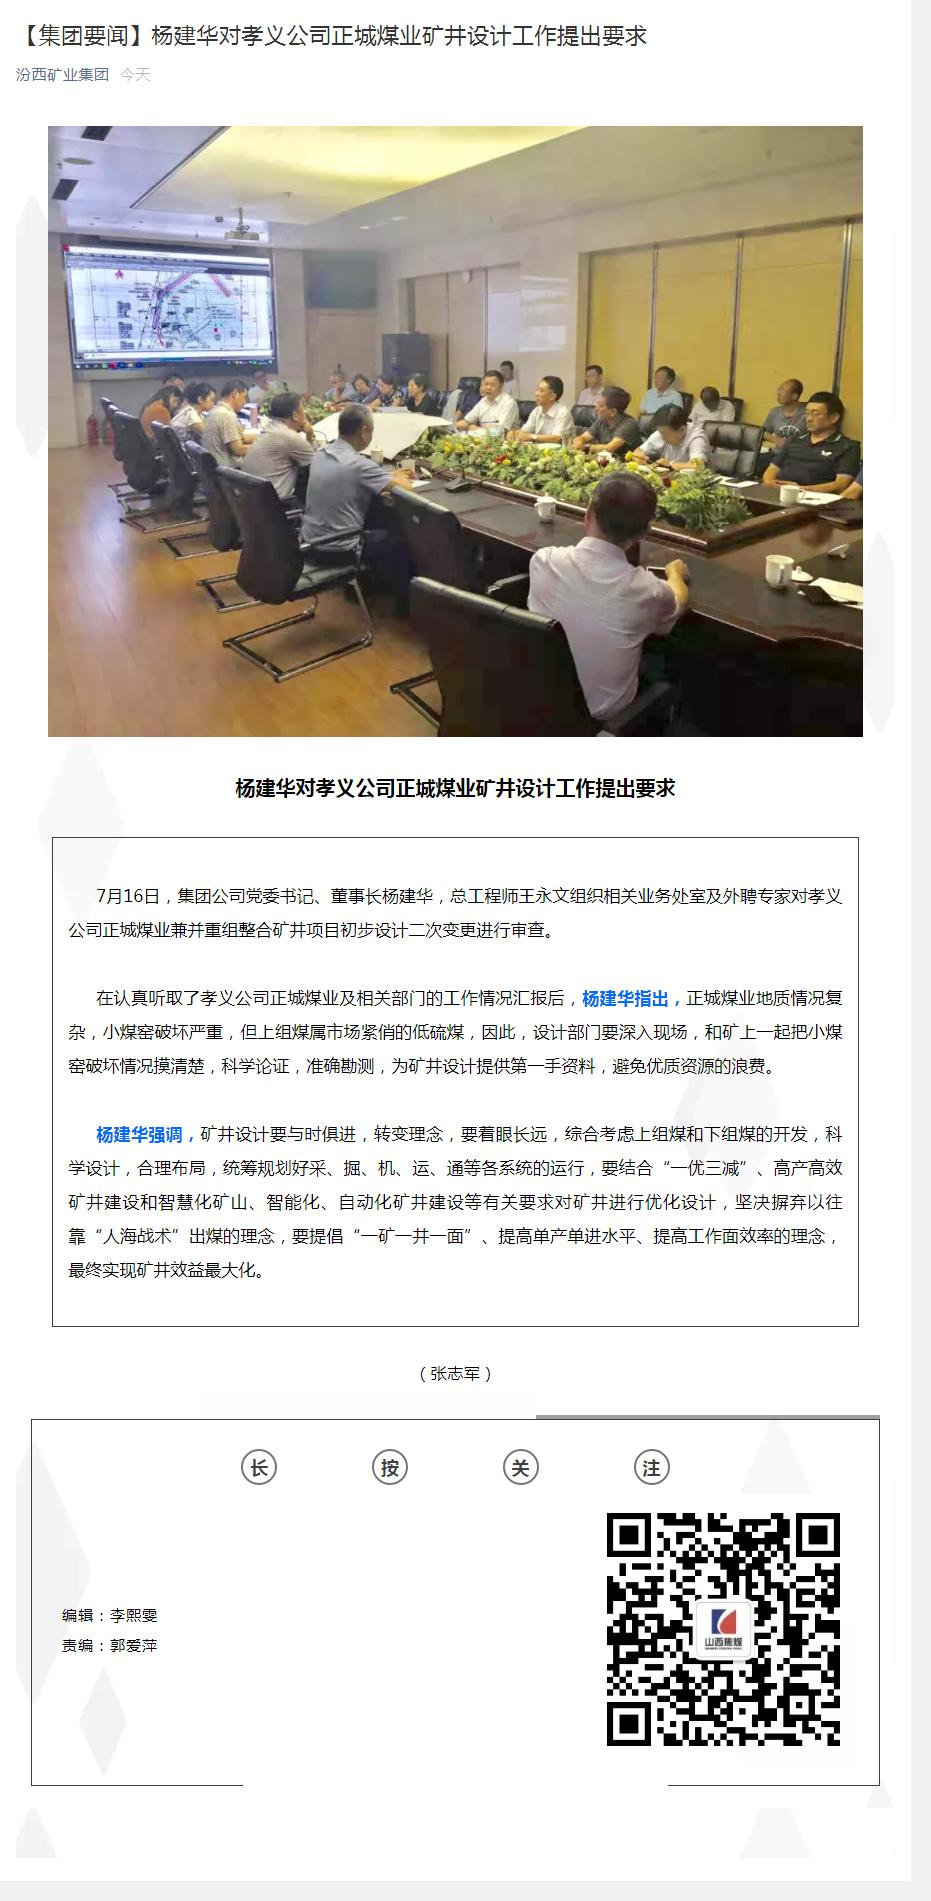 【集團要聞】楊建華對孝義公司正城煤業礦井設計工作提出要求.png